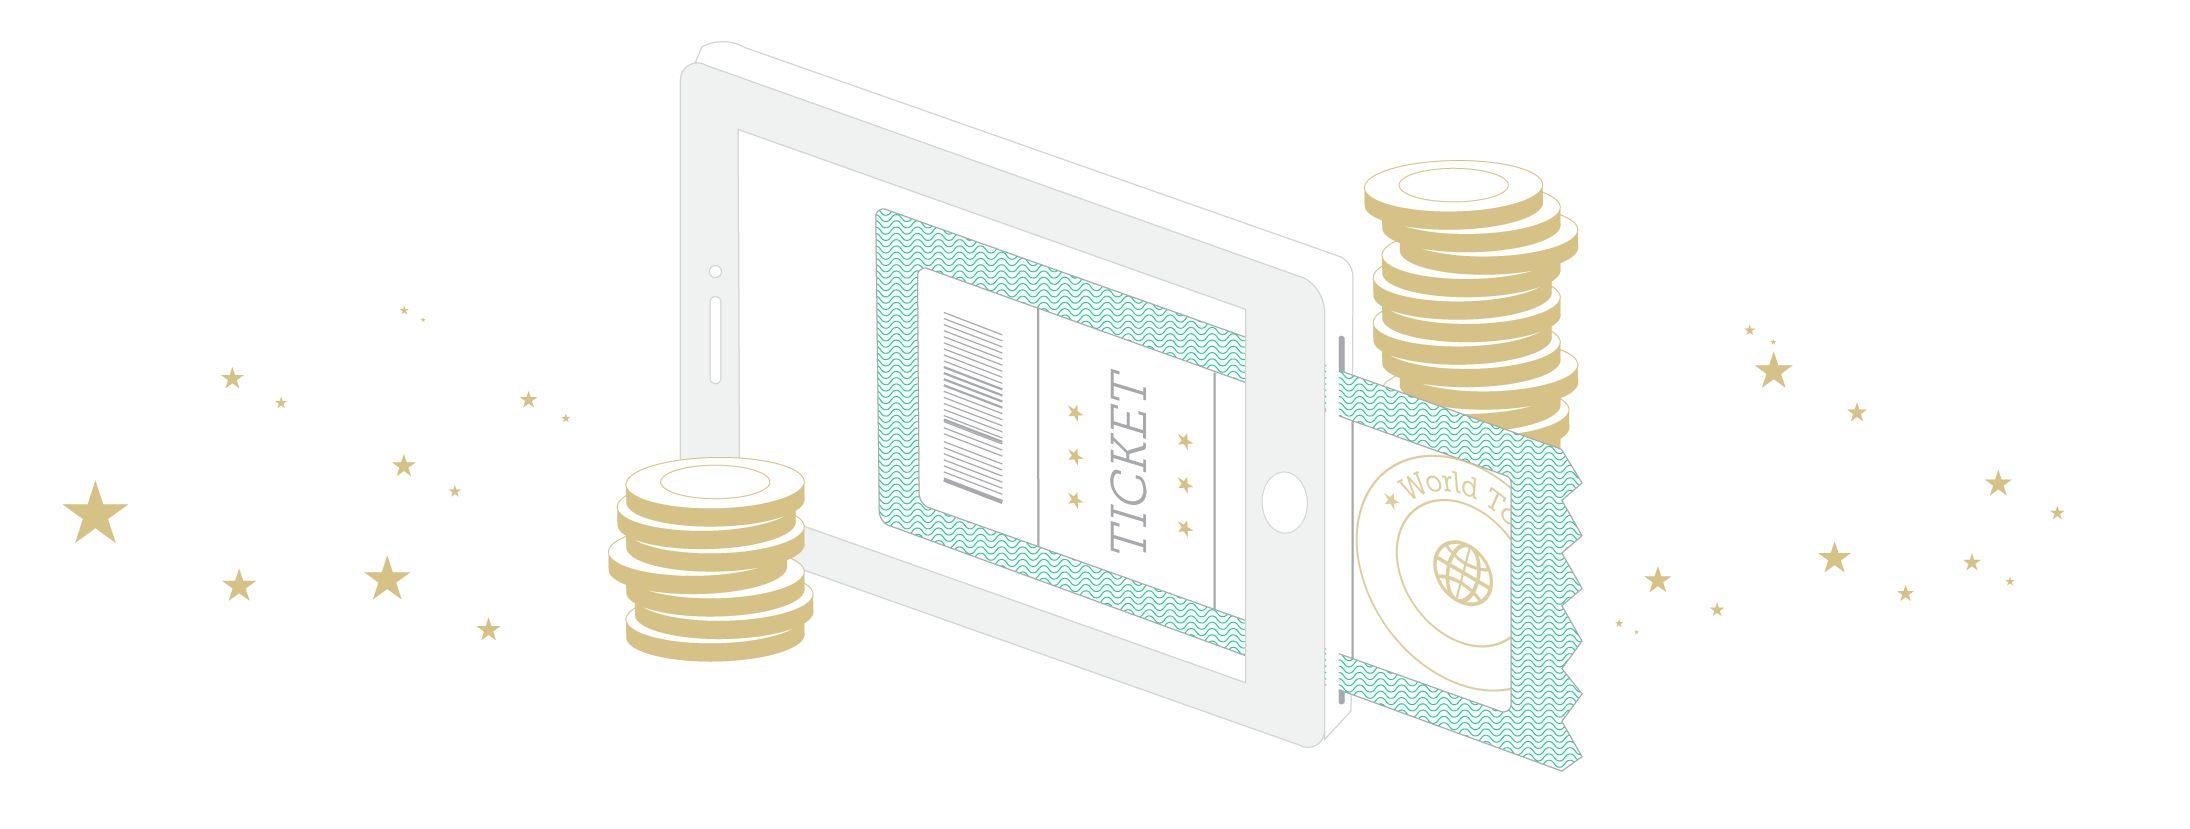 <b>轻量服务器_购买腾讯企业邮箱_优惠</b>